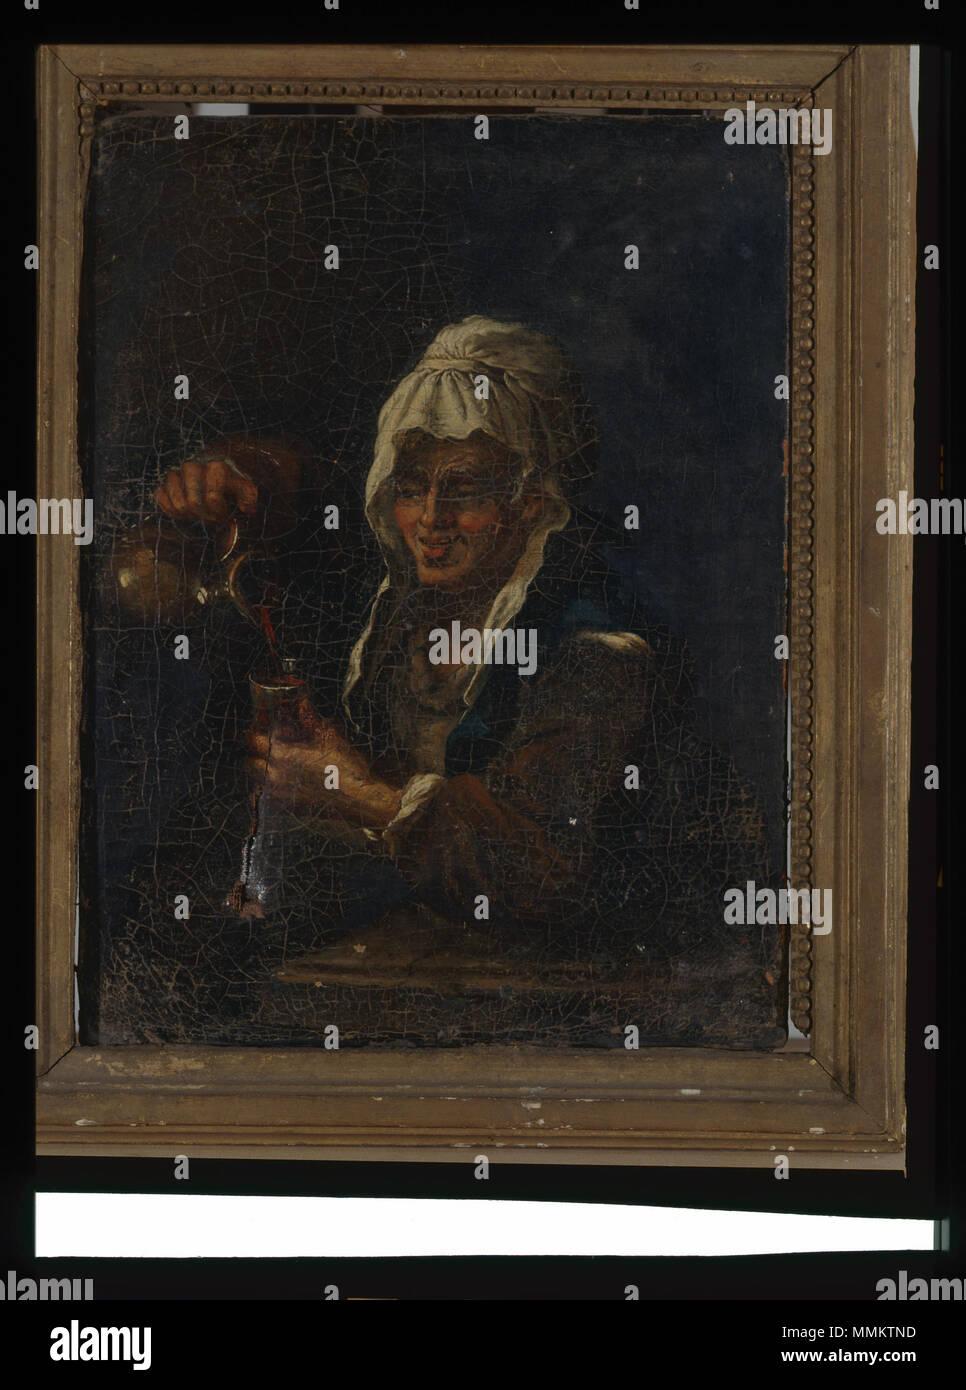 Buveuse - anonyme - musée d'art et d'histoire de Saint-Brieuc, DOC 106 Stock Photo